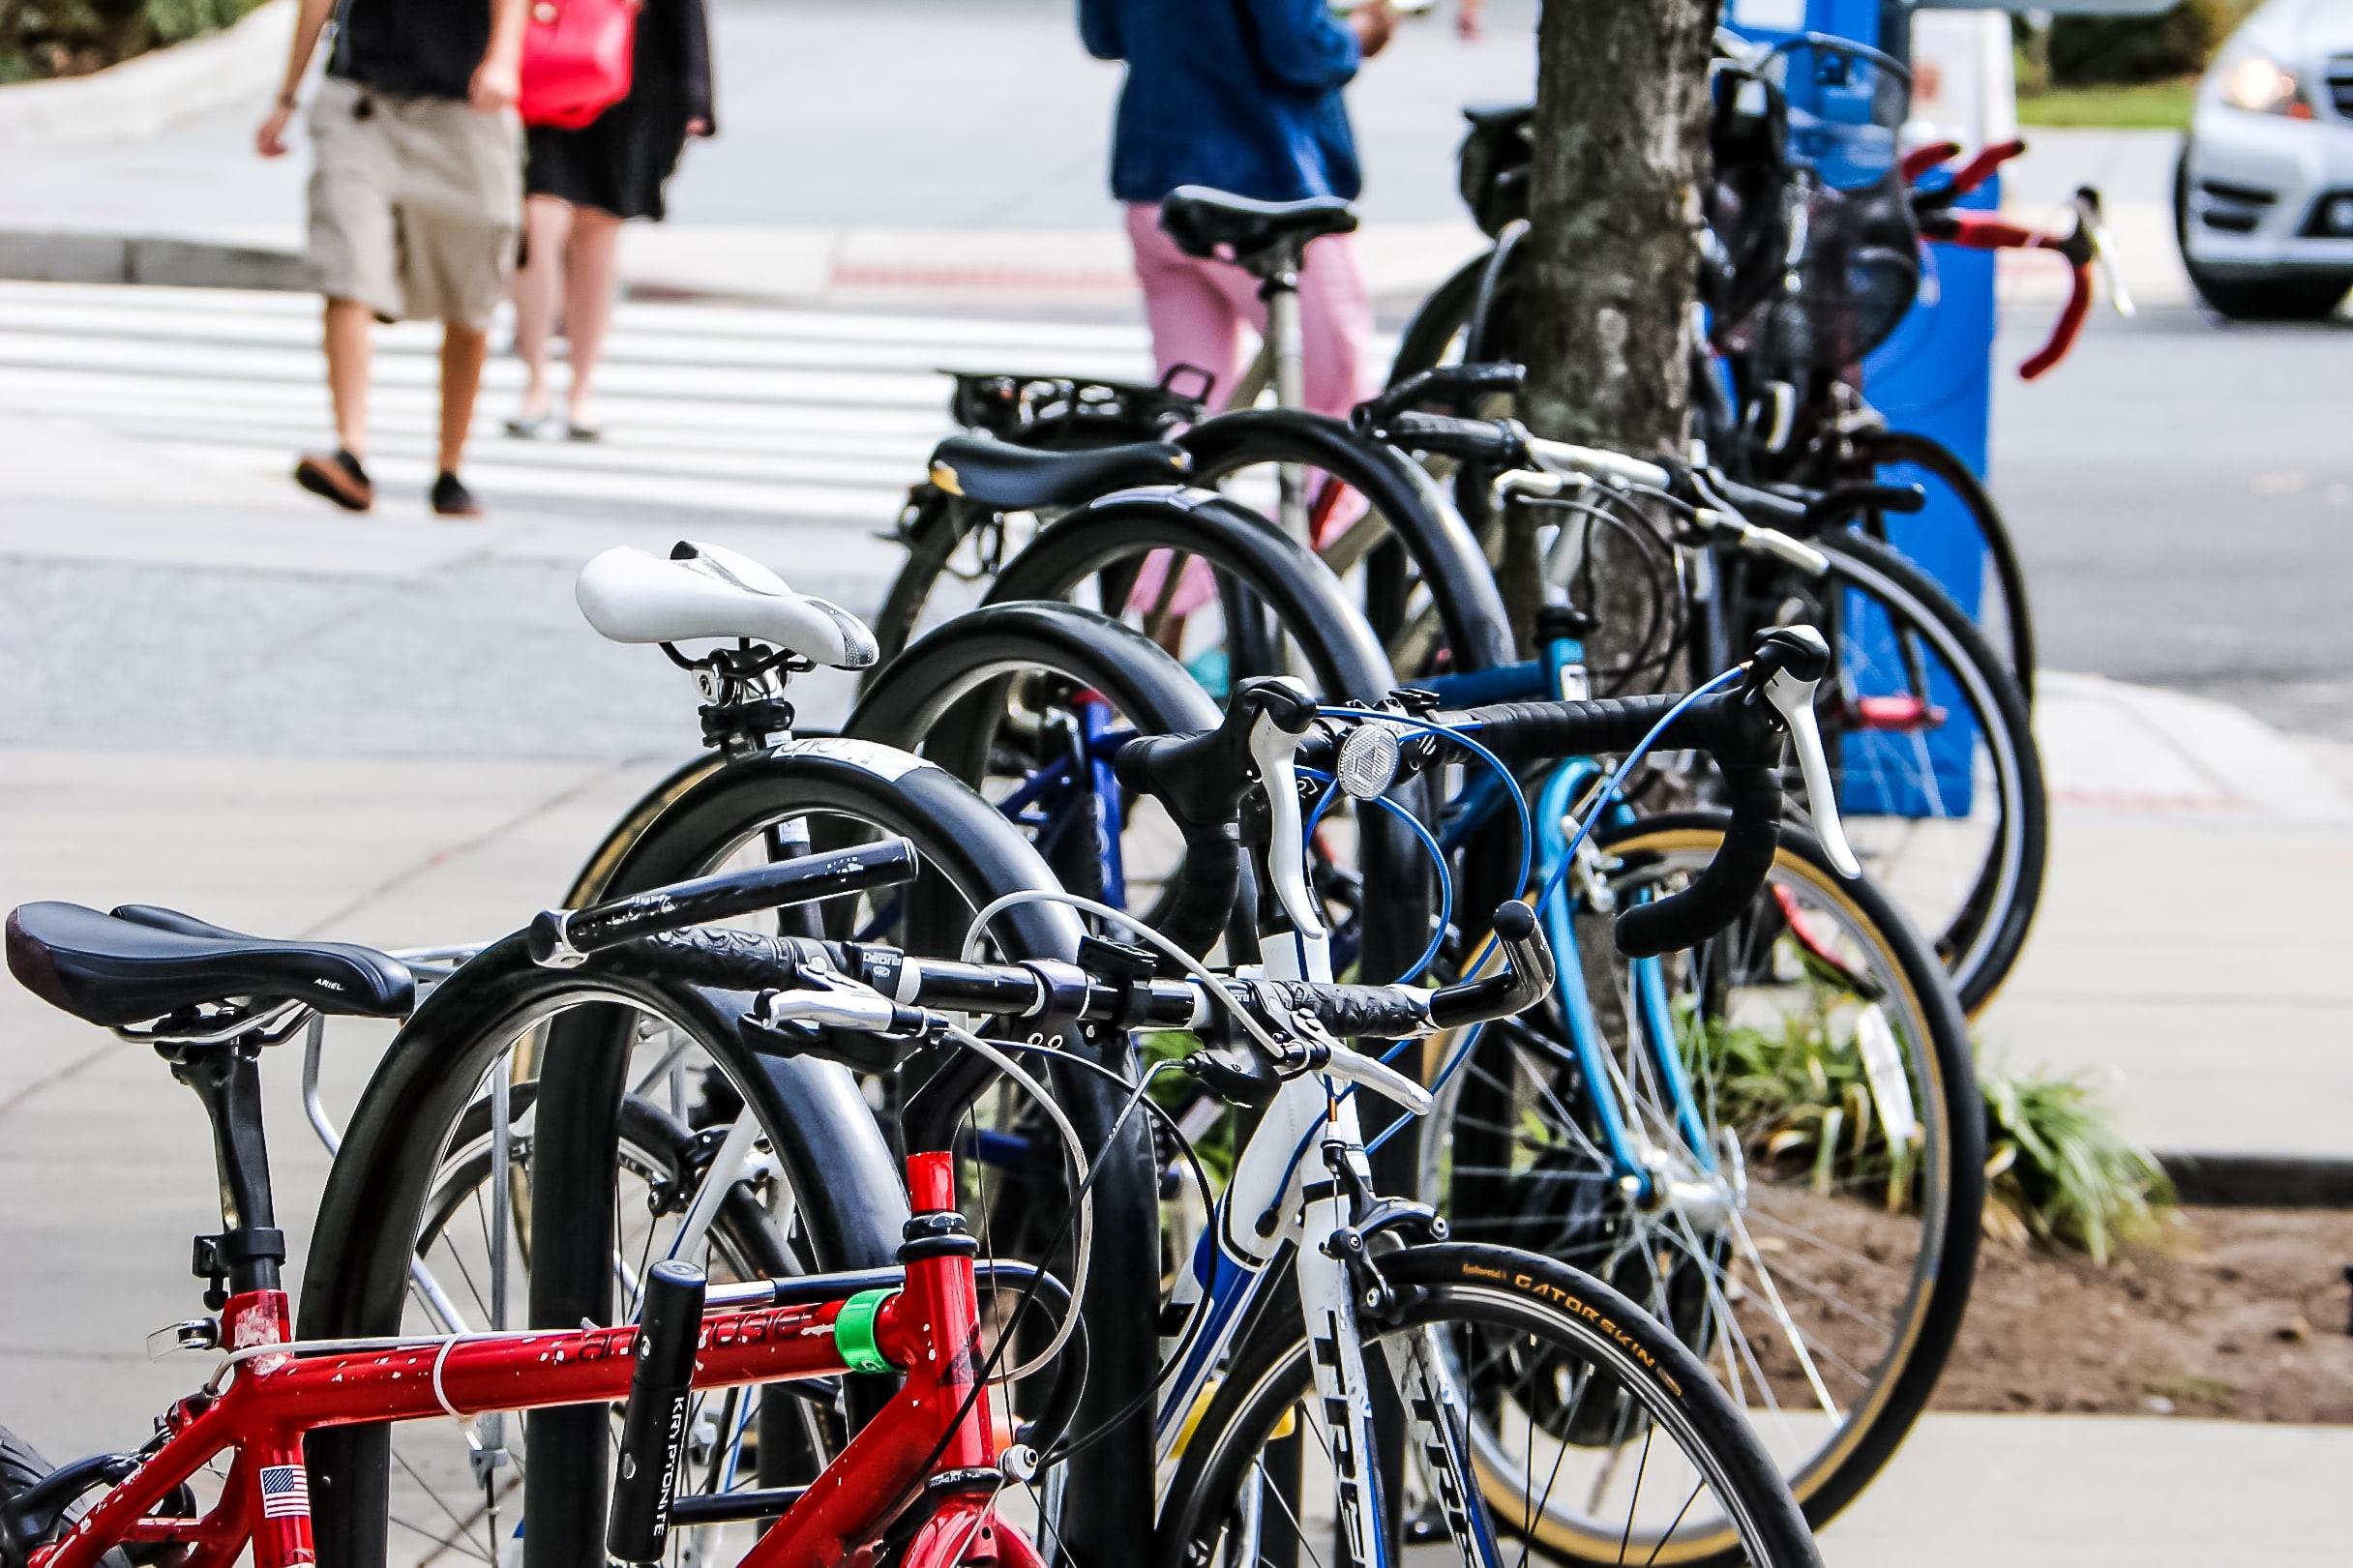 park-van-ness-bicylces